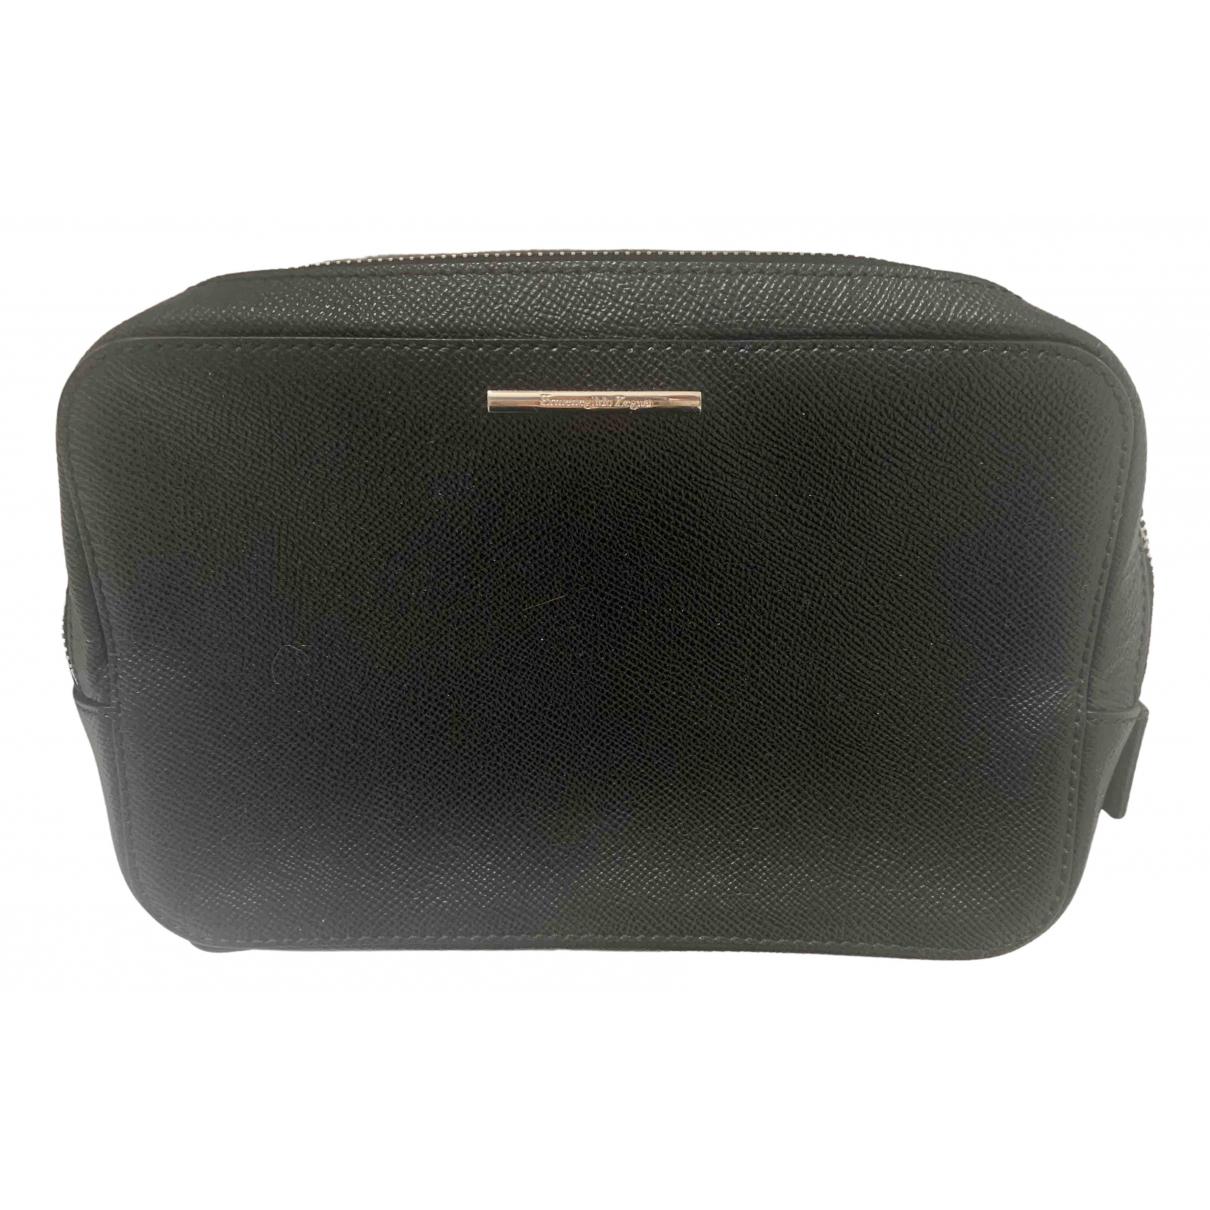 Ermenegildo Zegna \N Black Leather Small bag, wallet & cases for Men \N